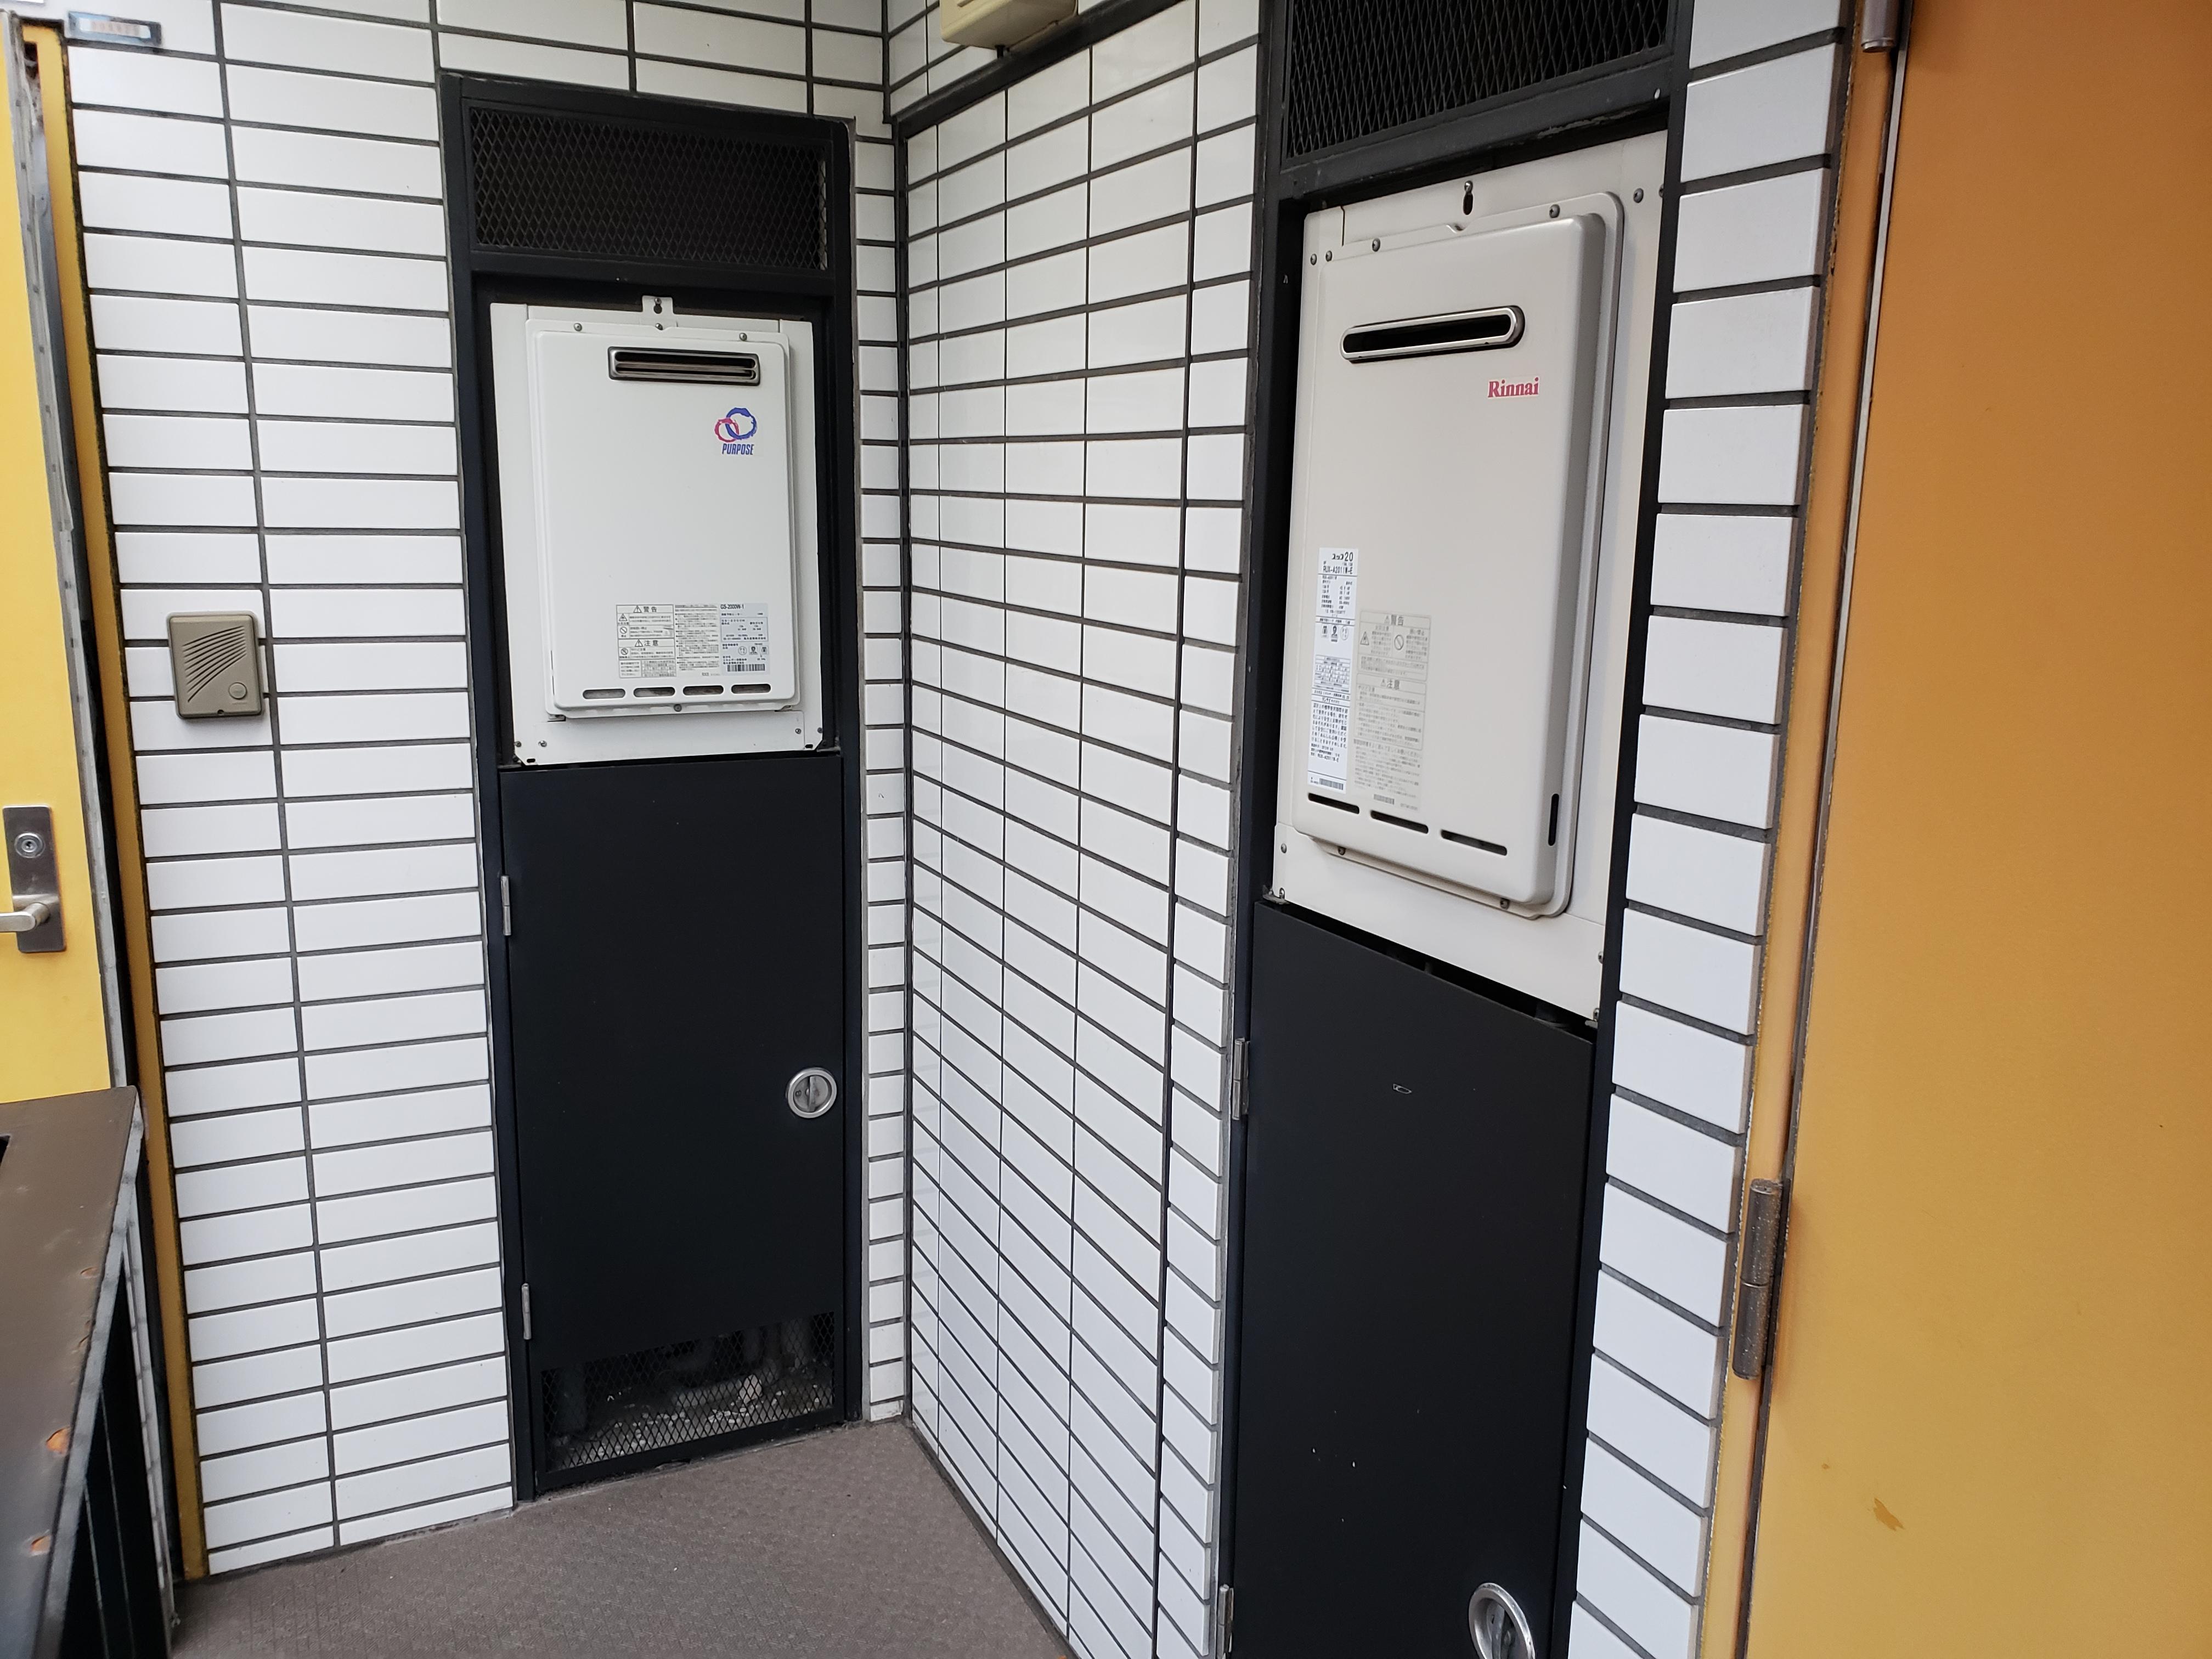 給湯器の設置場所によって施工料金がかわる?